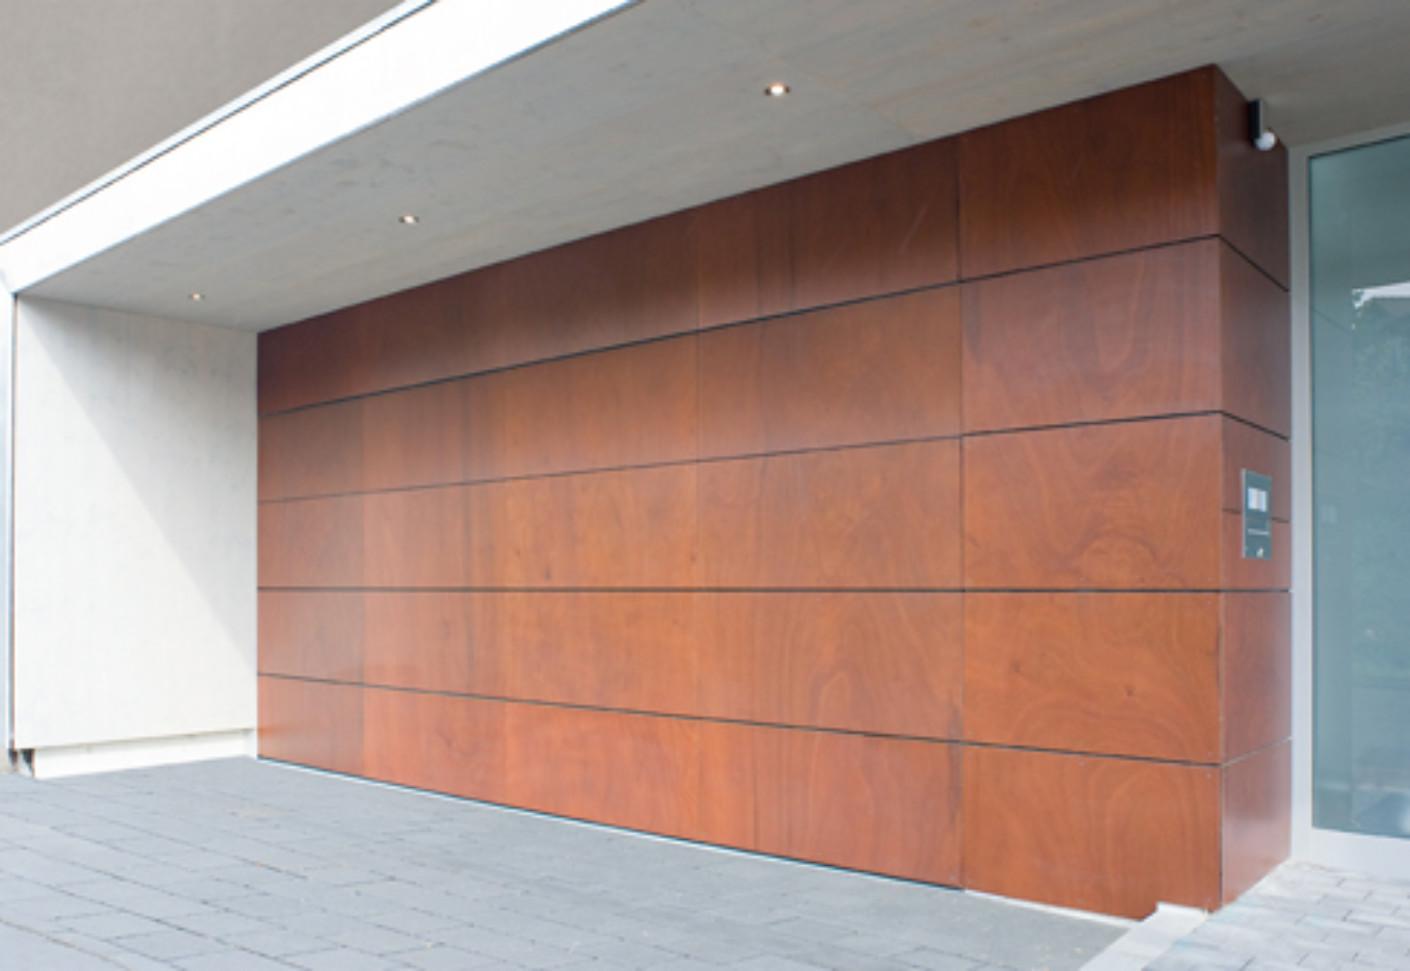 Belu Ga Garage Door Flush With The Adjacent Area Version